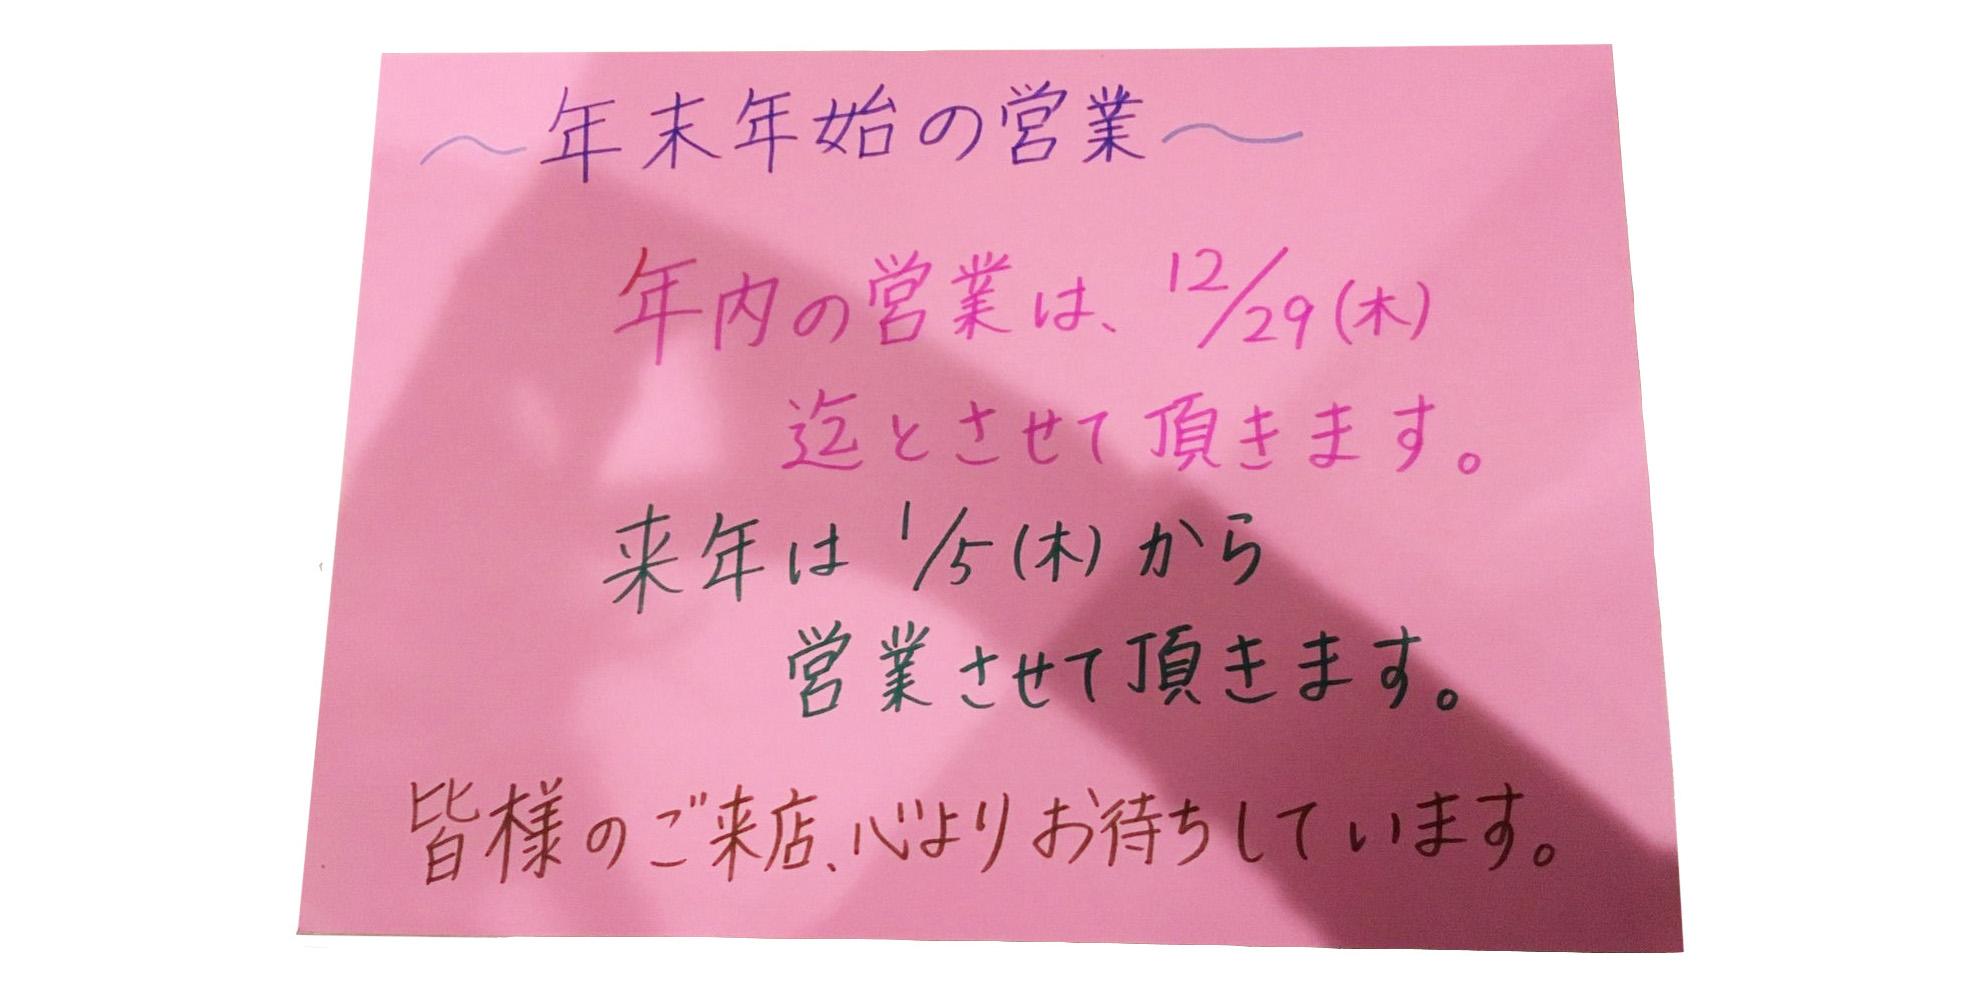 堺東のお気軽スナックジャーニー営業日